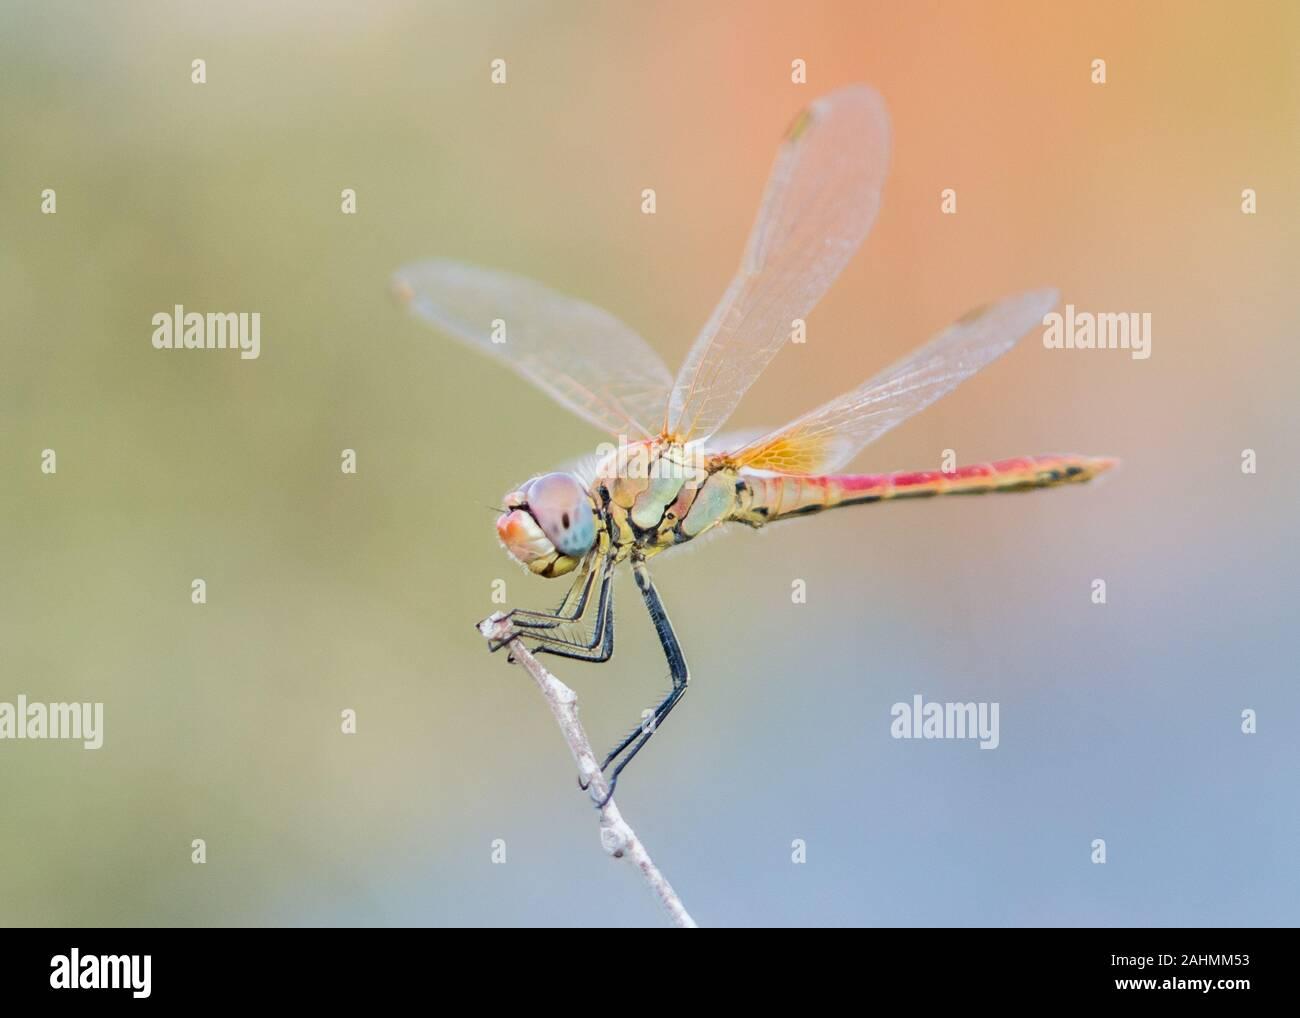 Fotografía artística de una libélula darter común descansa sobre una ramita en Creta Grecia Foto de stock